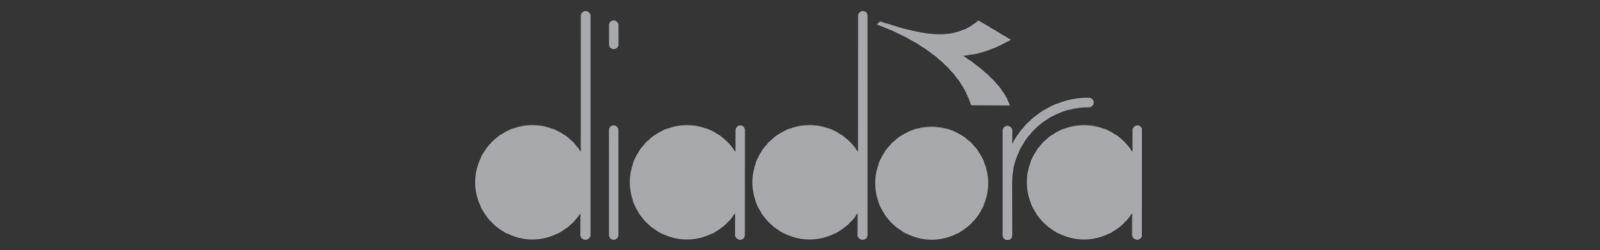 logo diadora sponsor